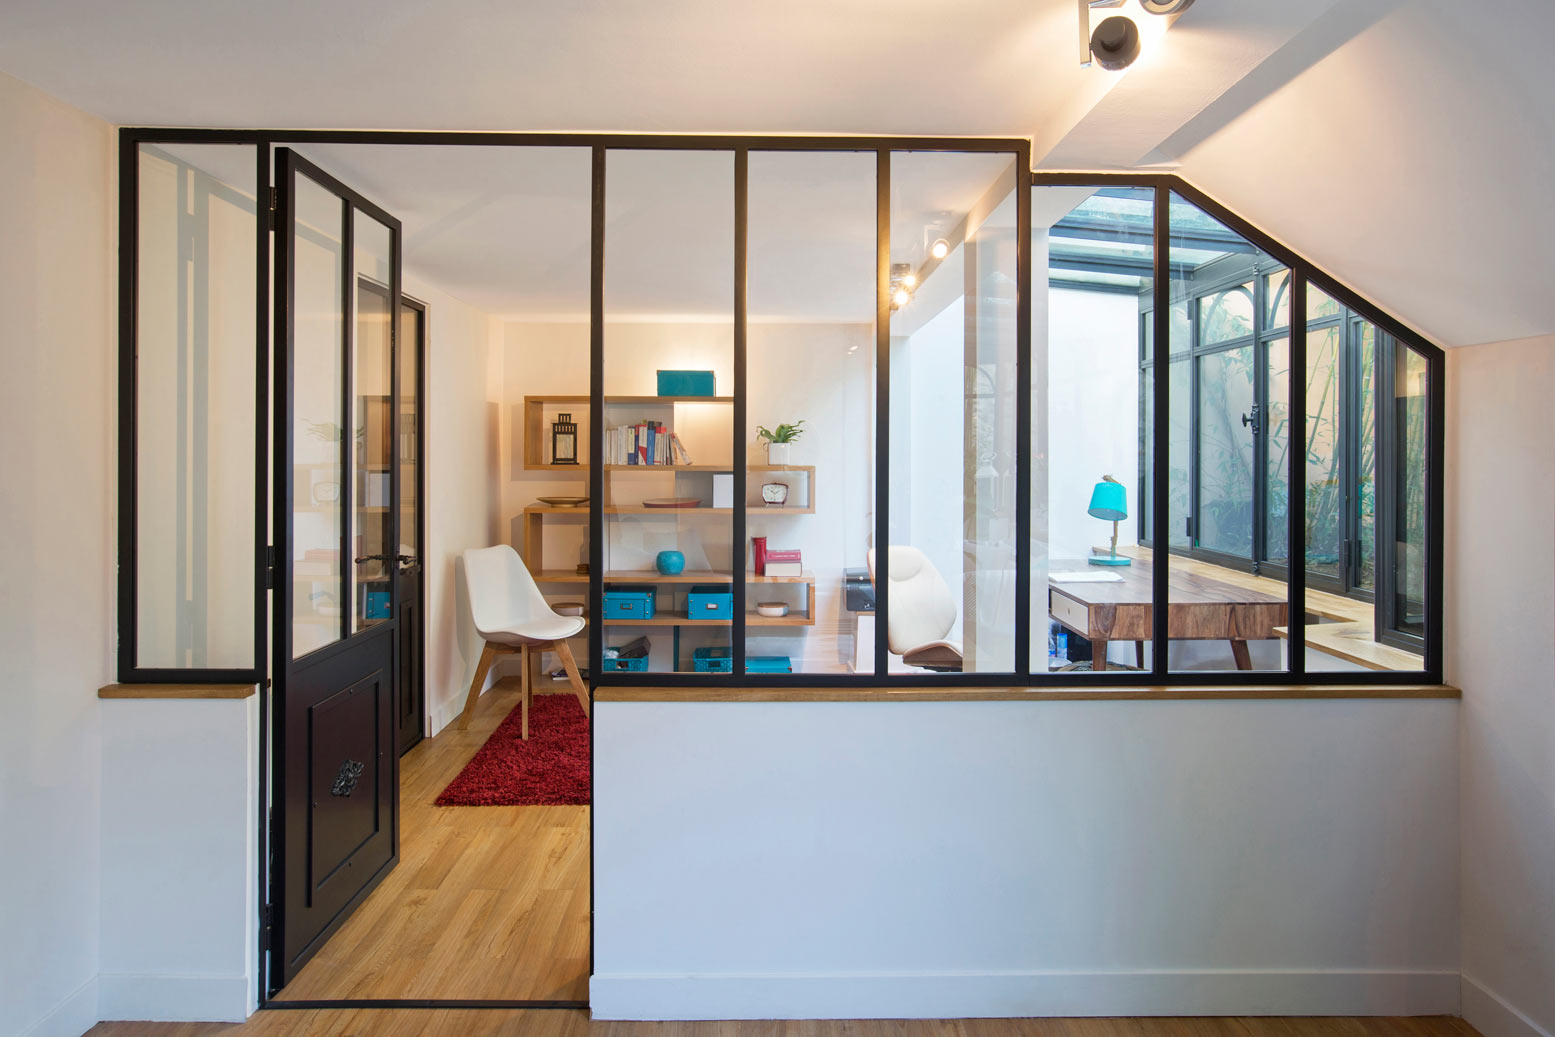 Une Verrire Atelier Pour Sparer Un Bureau Ou Un Espace